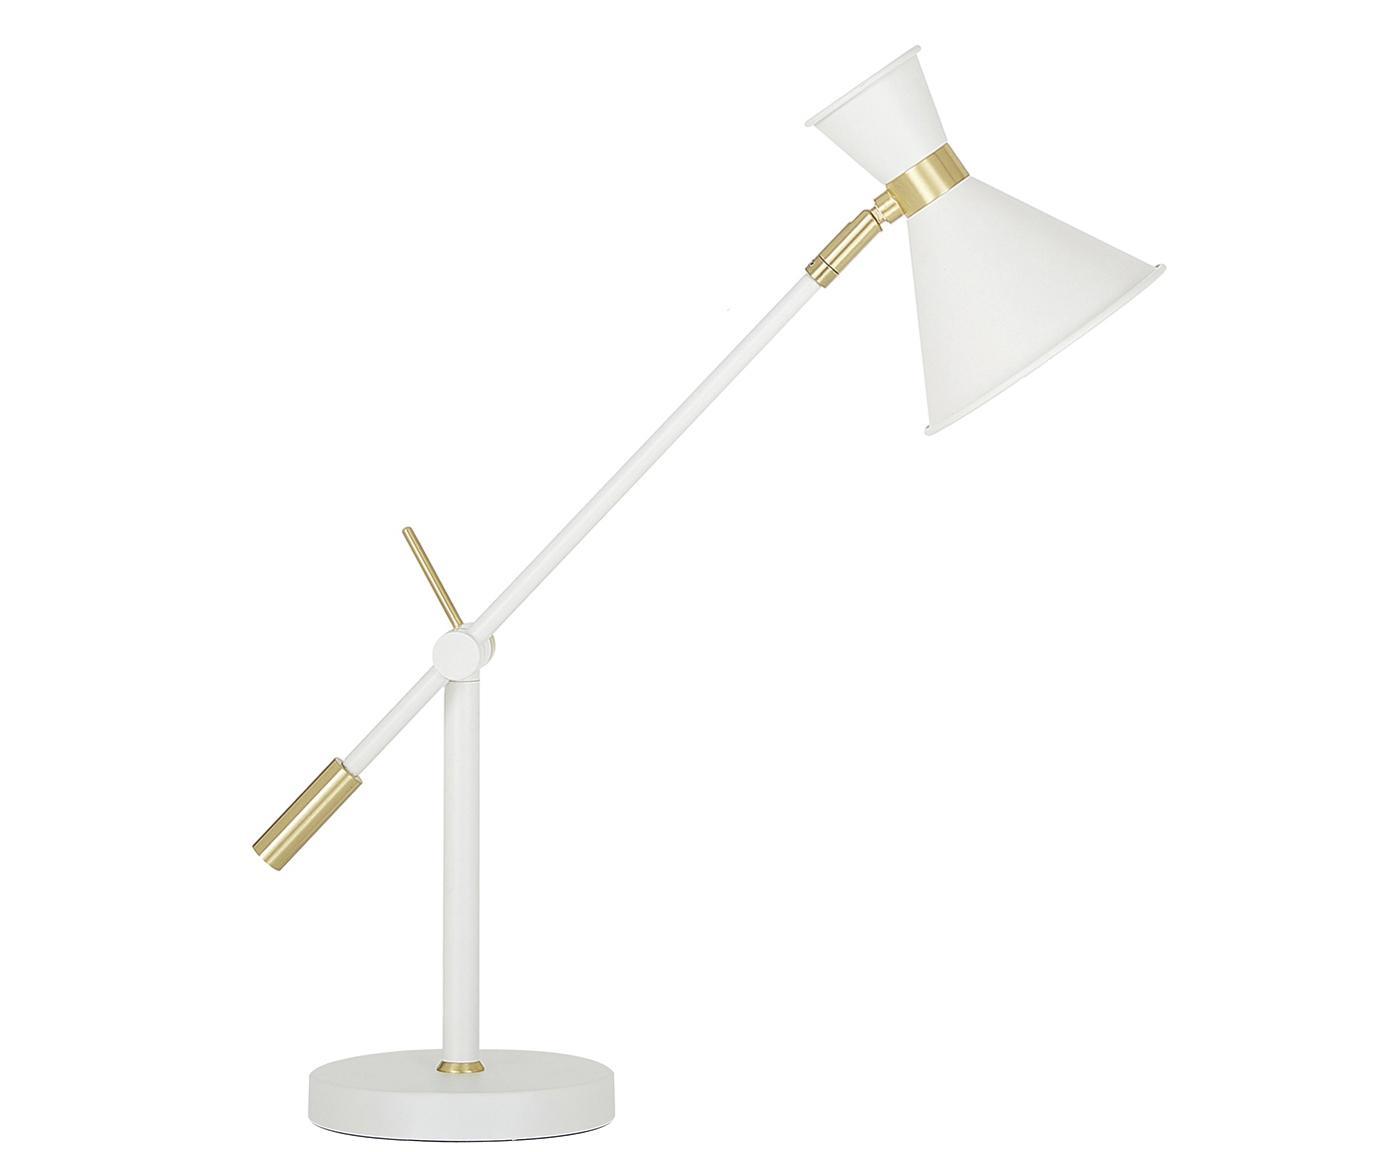 Lampa stołowa Audrey, Biały, matowy, ∅ 15 x W 68 cm